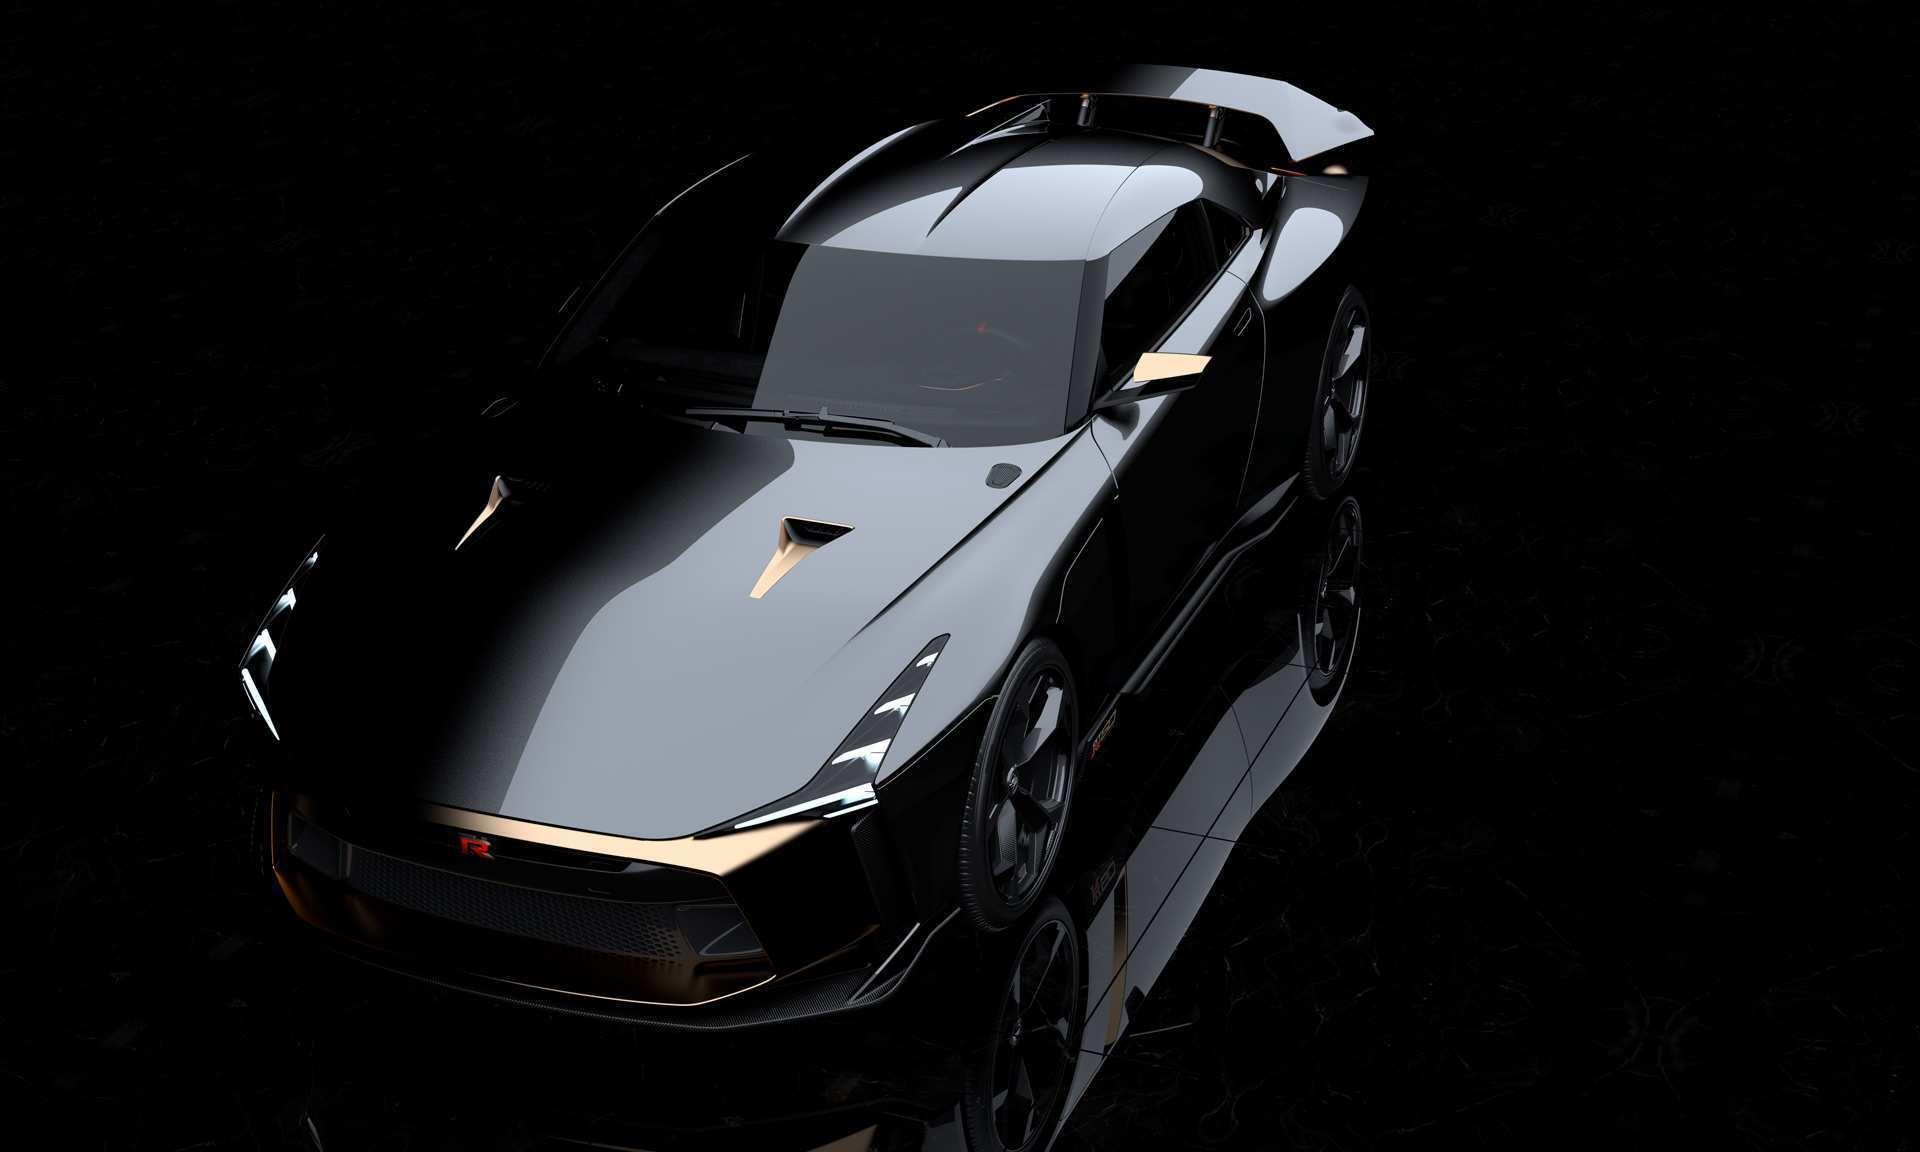 64 Concept of 2020 Nissan Gtr Horsepower Reviews for 2020 Nissan Gtr Horsepower